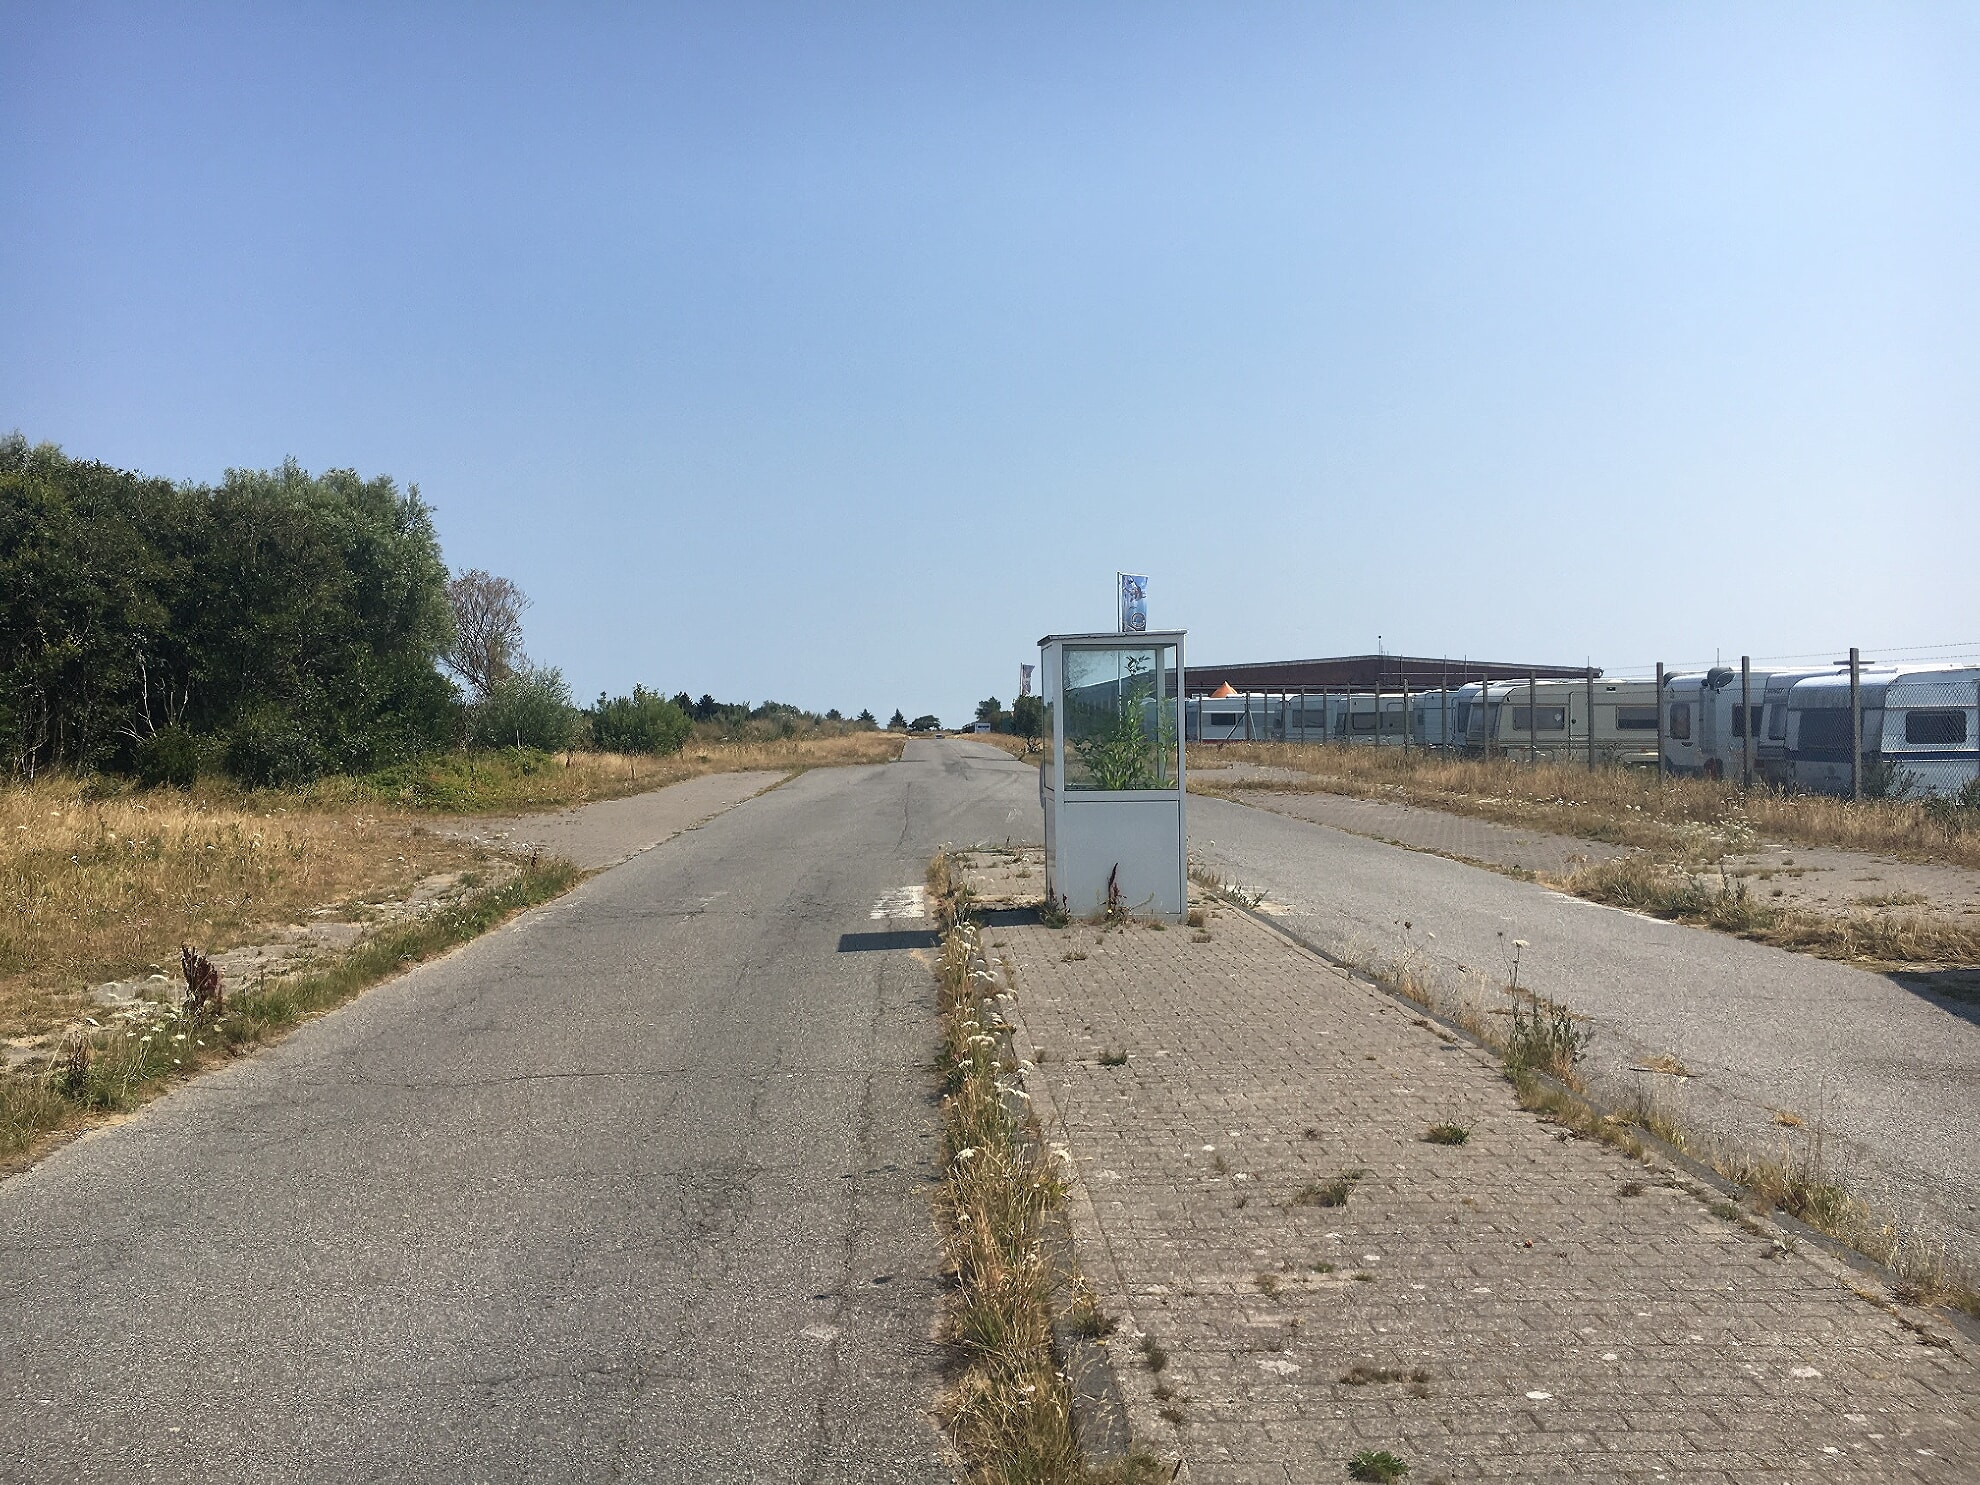 Eingang zum ehemaligen Militärgelände